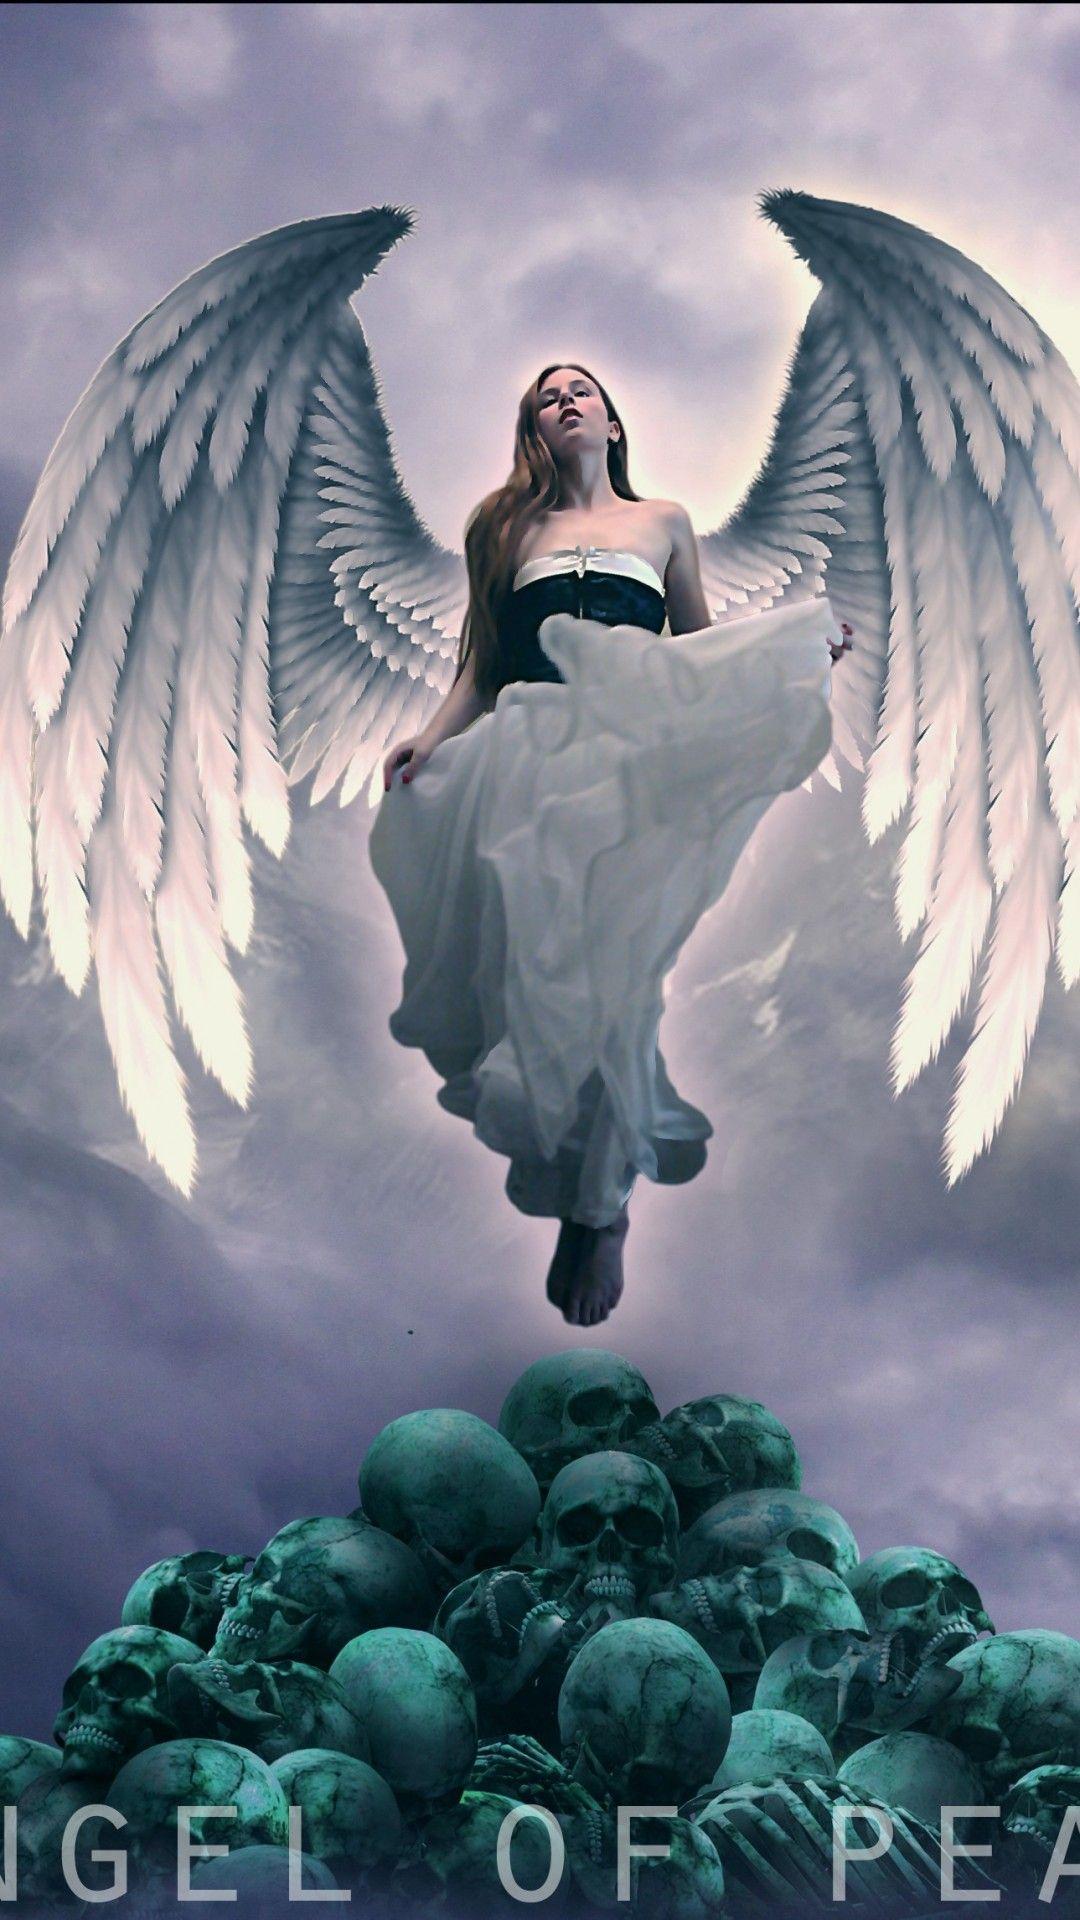 Angel Horror Mobile Hjd Wallpaper Angel Wallpaper Scary Wallpaper Deadpool Hd Wallpaper